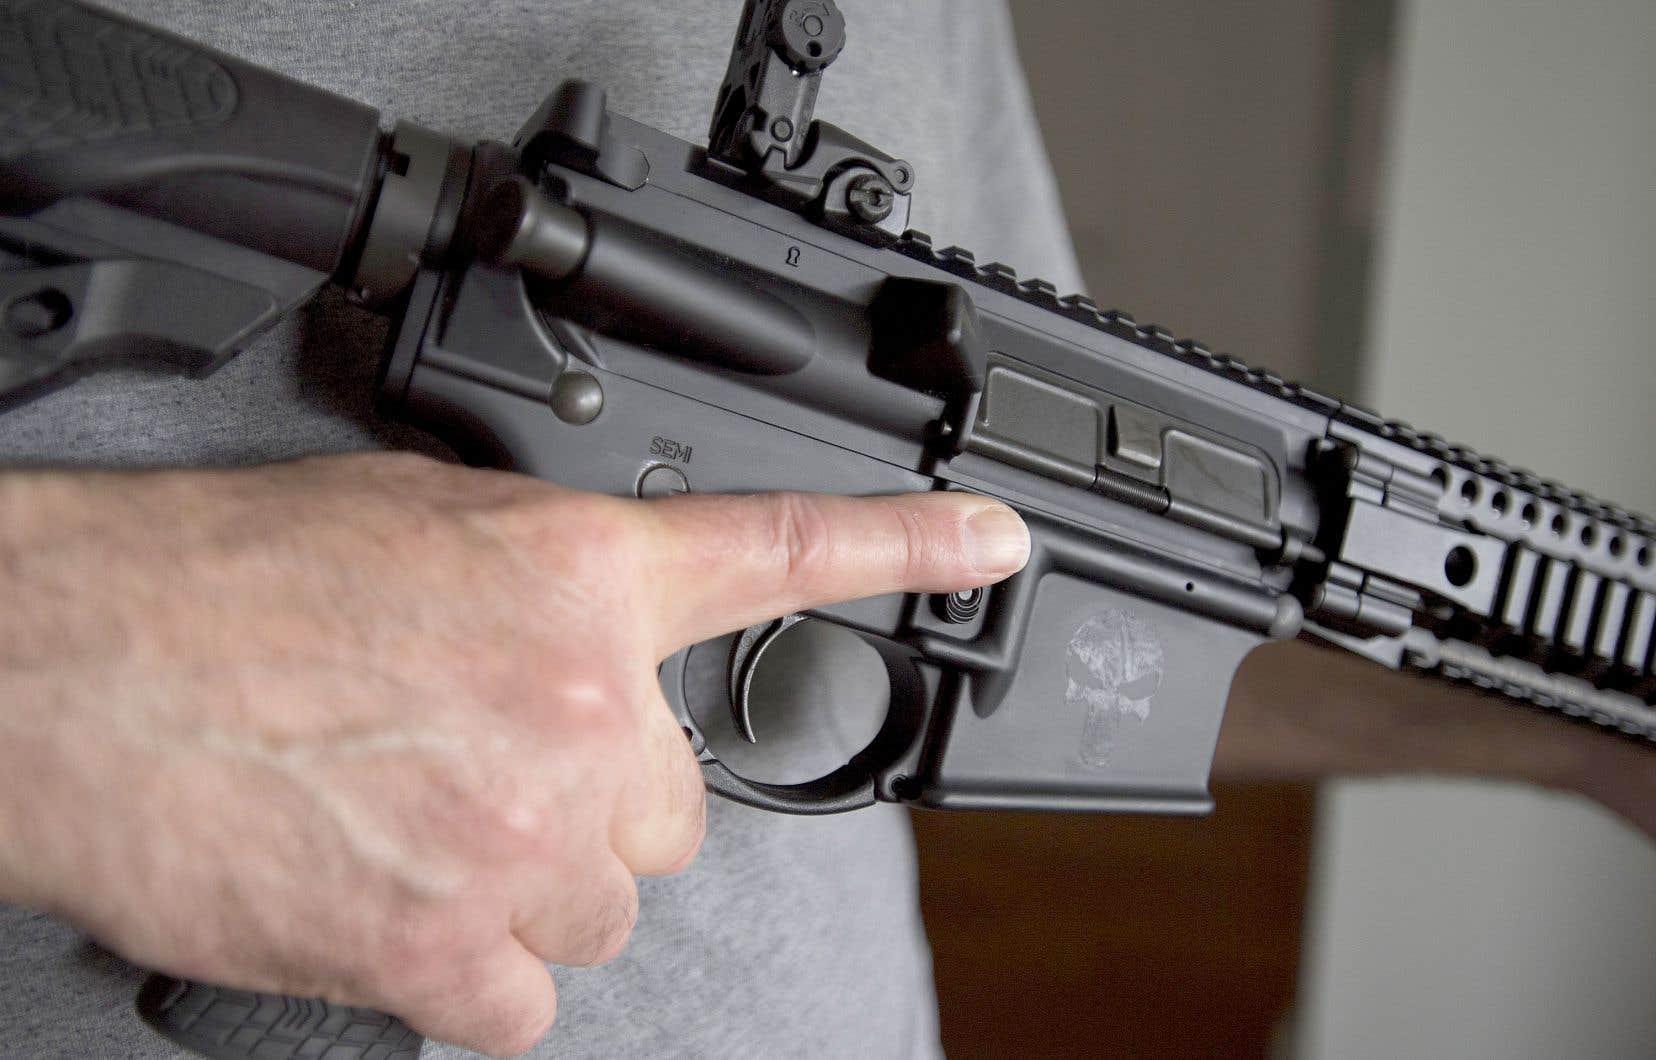 Ottawa a inscrit par voie réglementaire quelque 1500 modèles d'armes d'assaut de type militaire à la liste des armes prohibées au Canada, notamment ce AR-15.